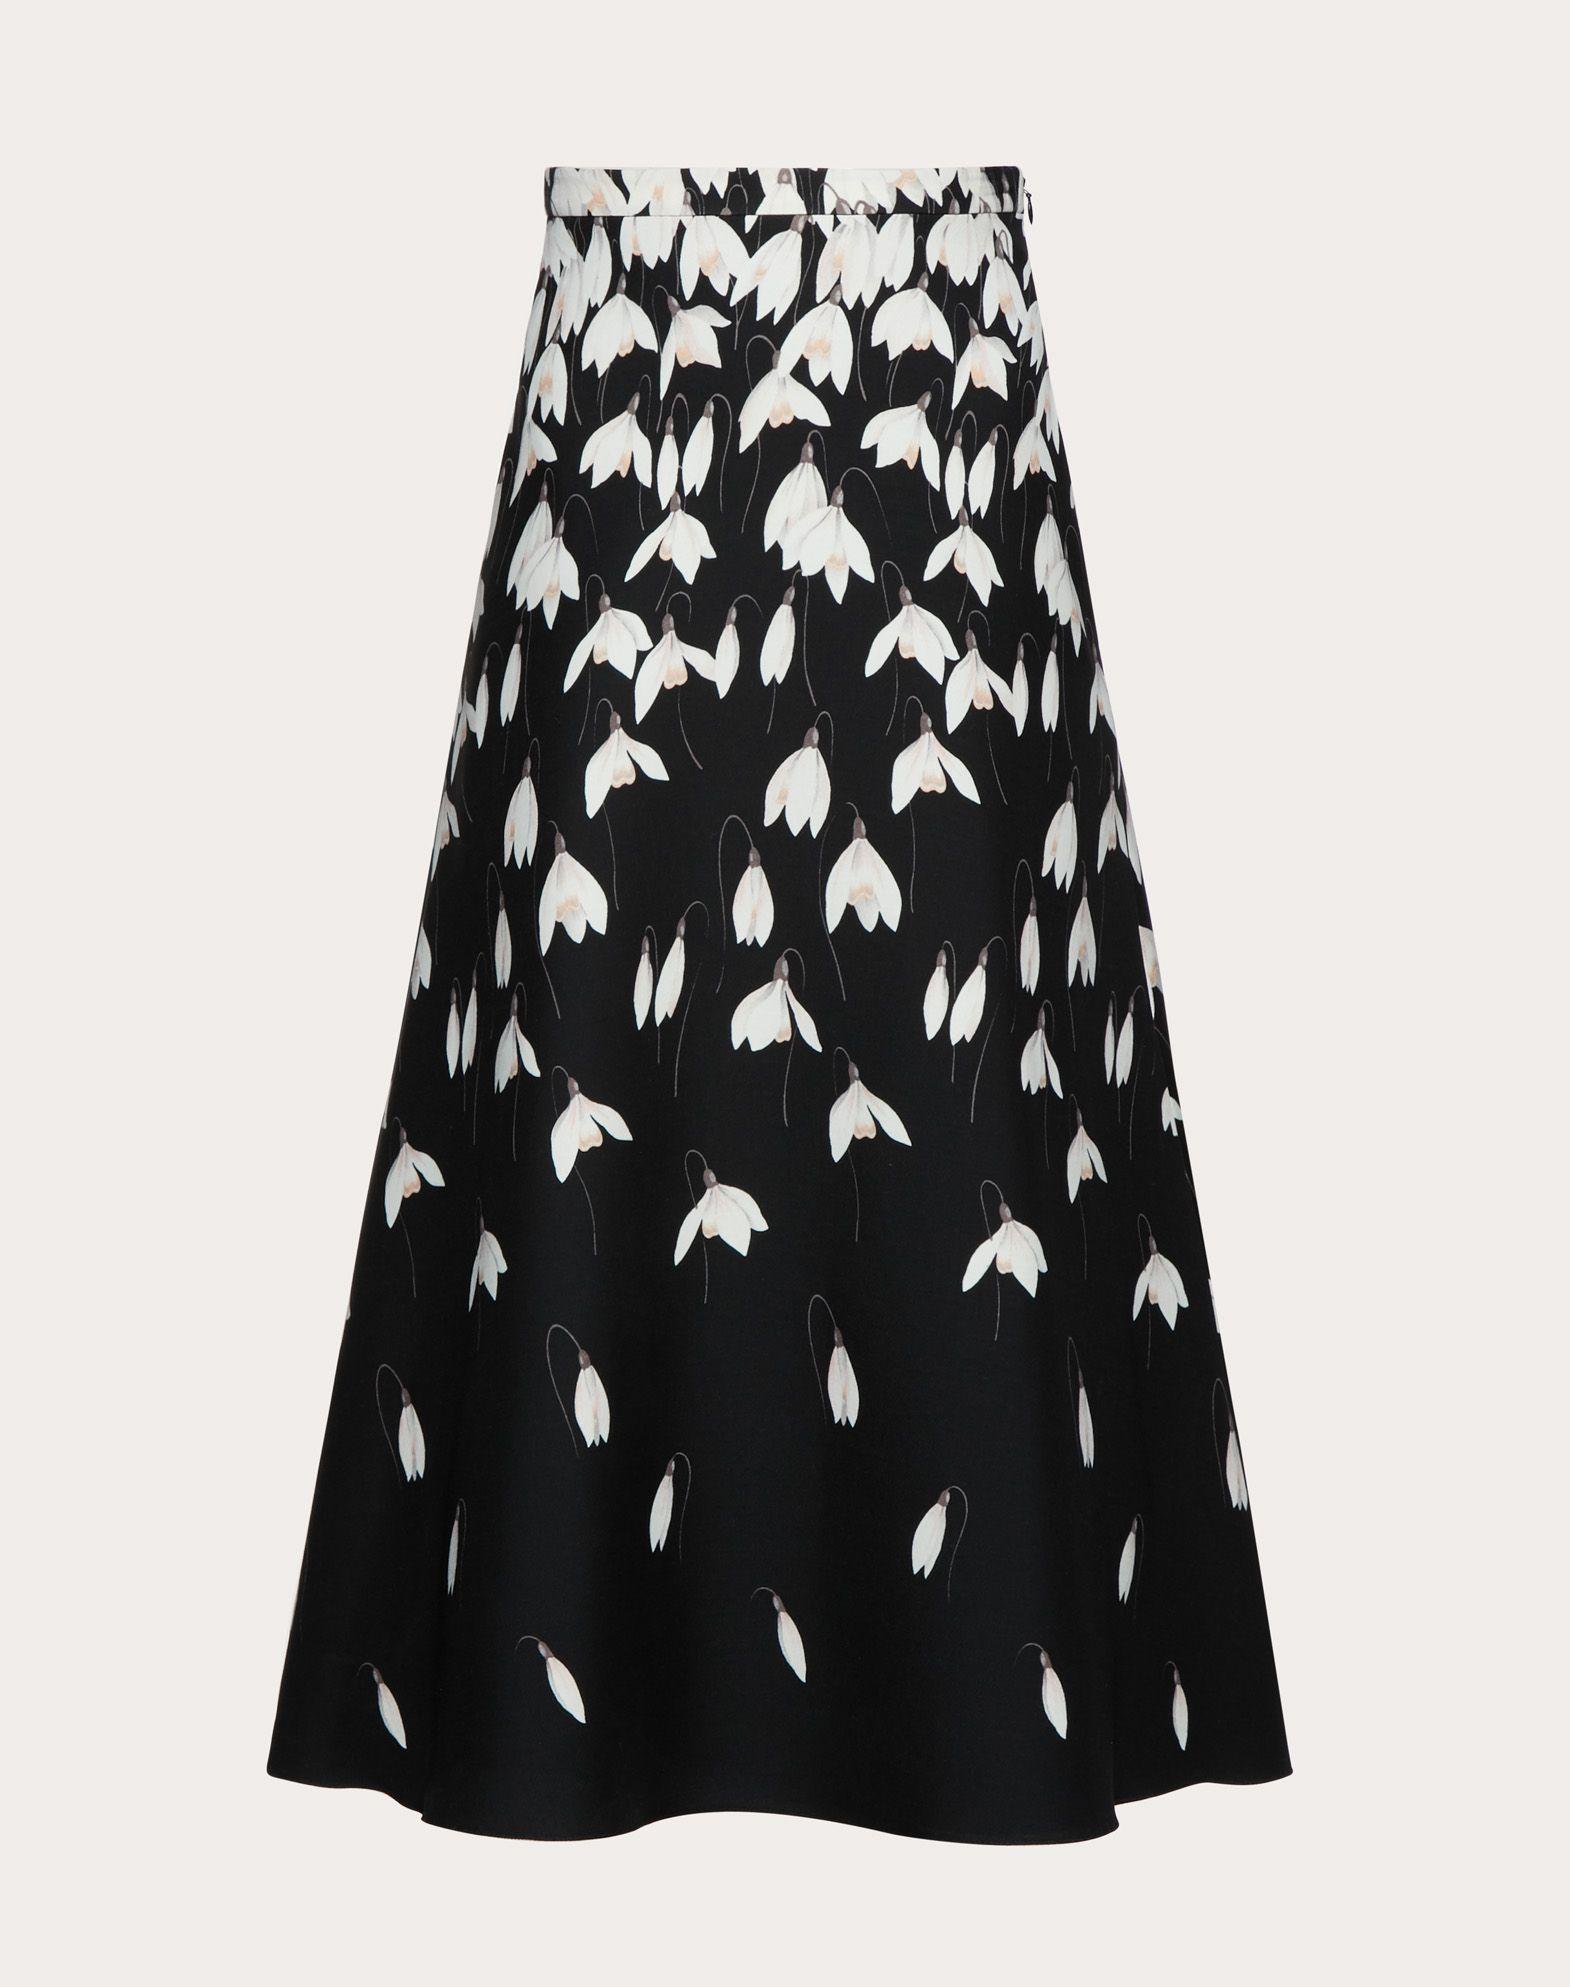 Falda de Crêpe Couture con campanillas de invierno